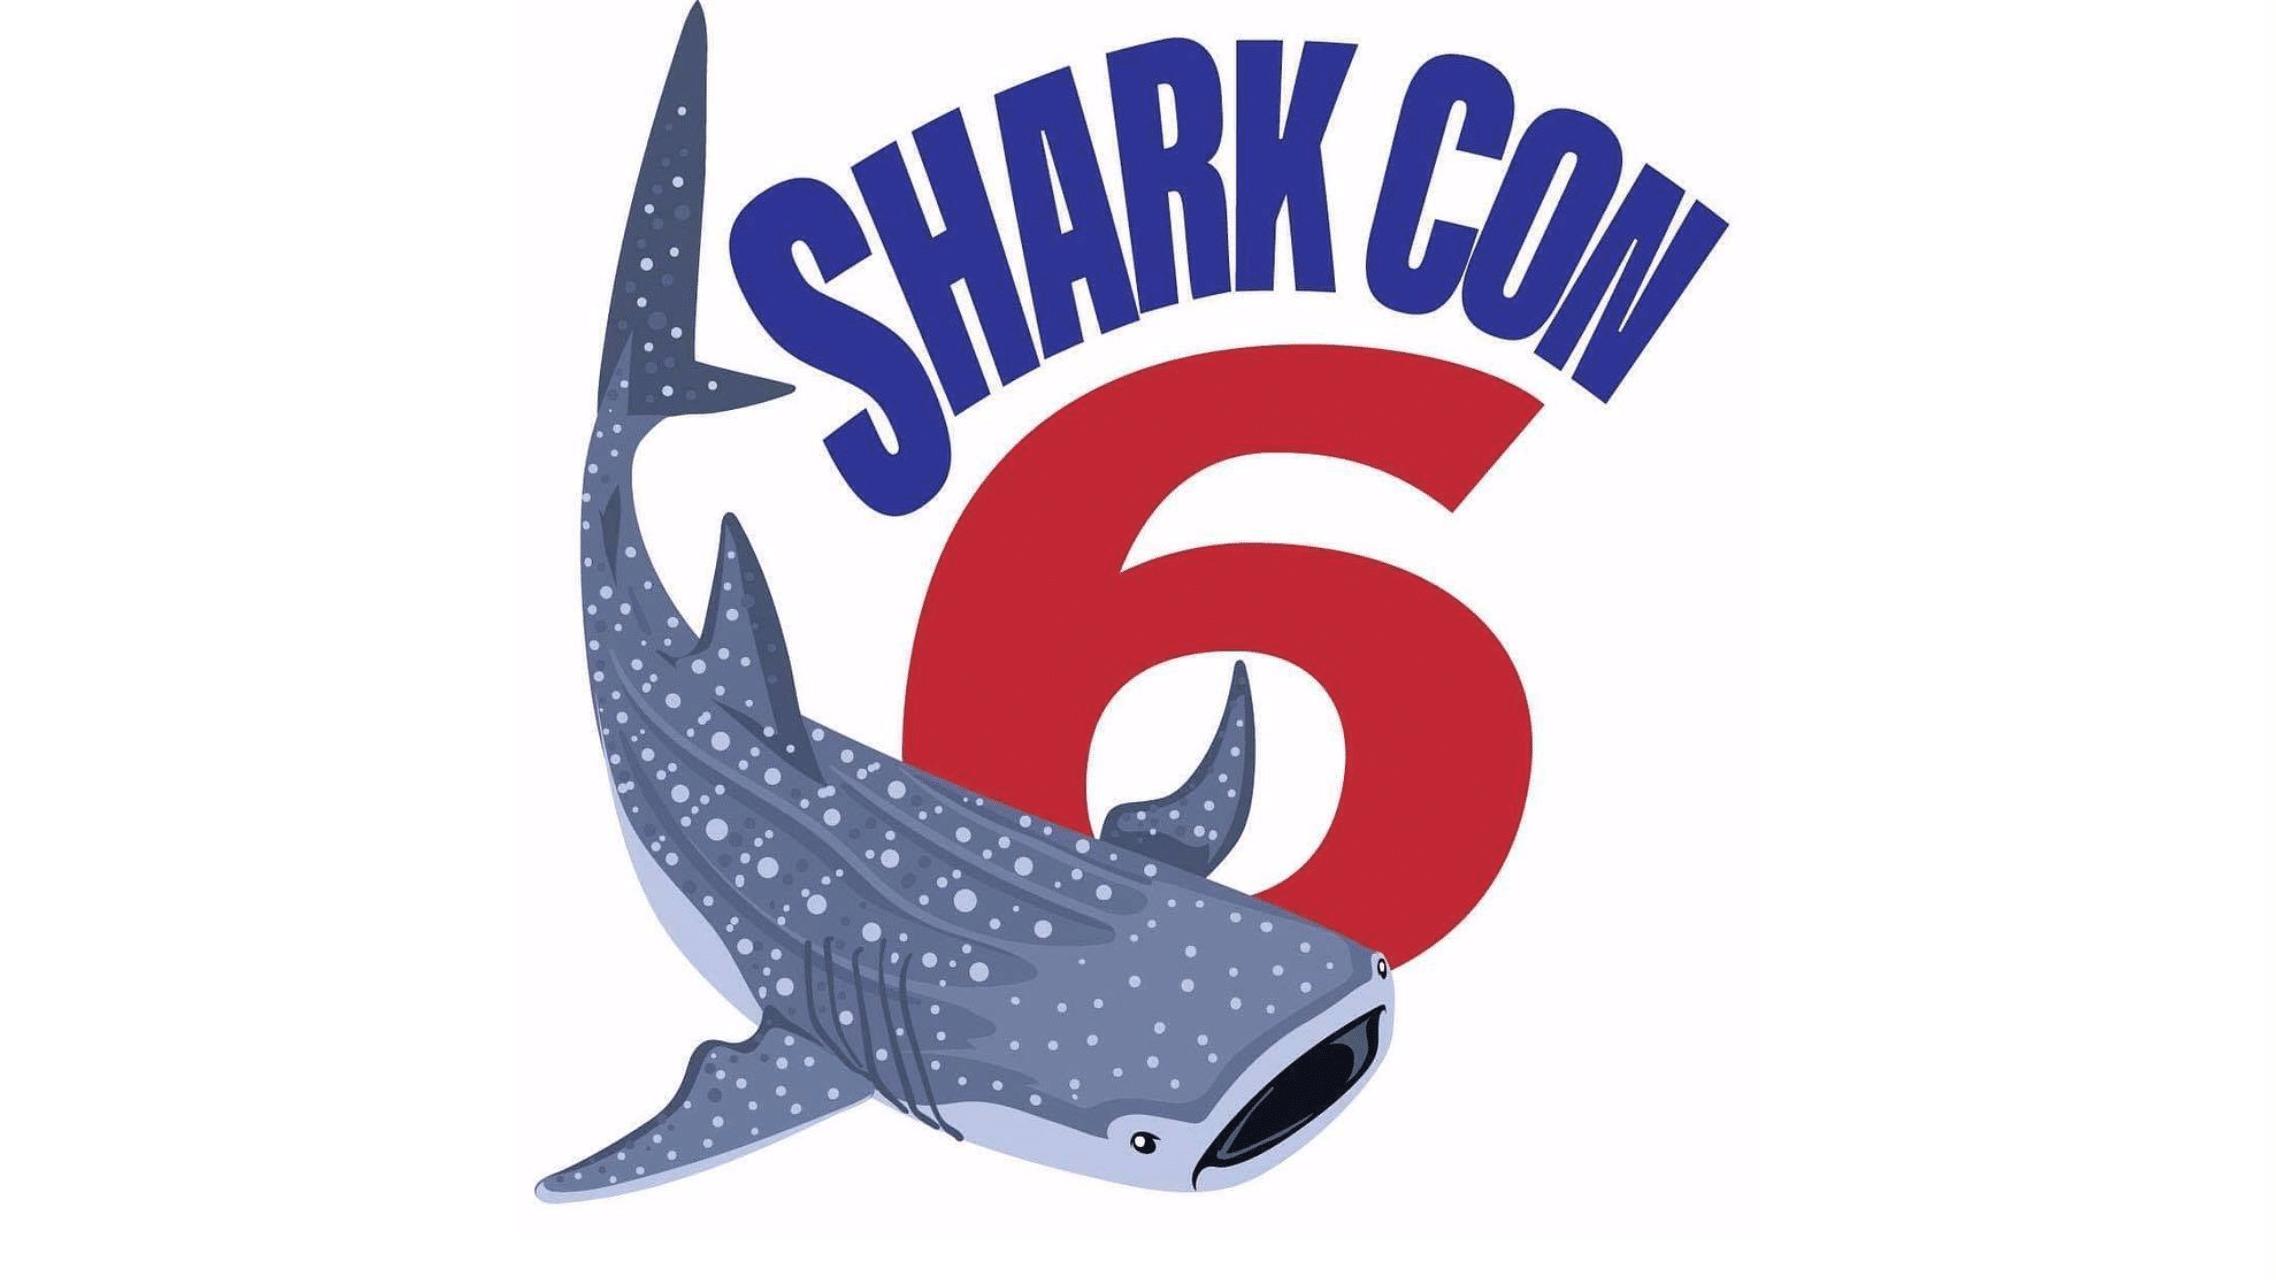 Shark-Con